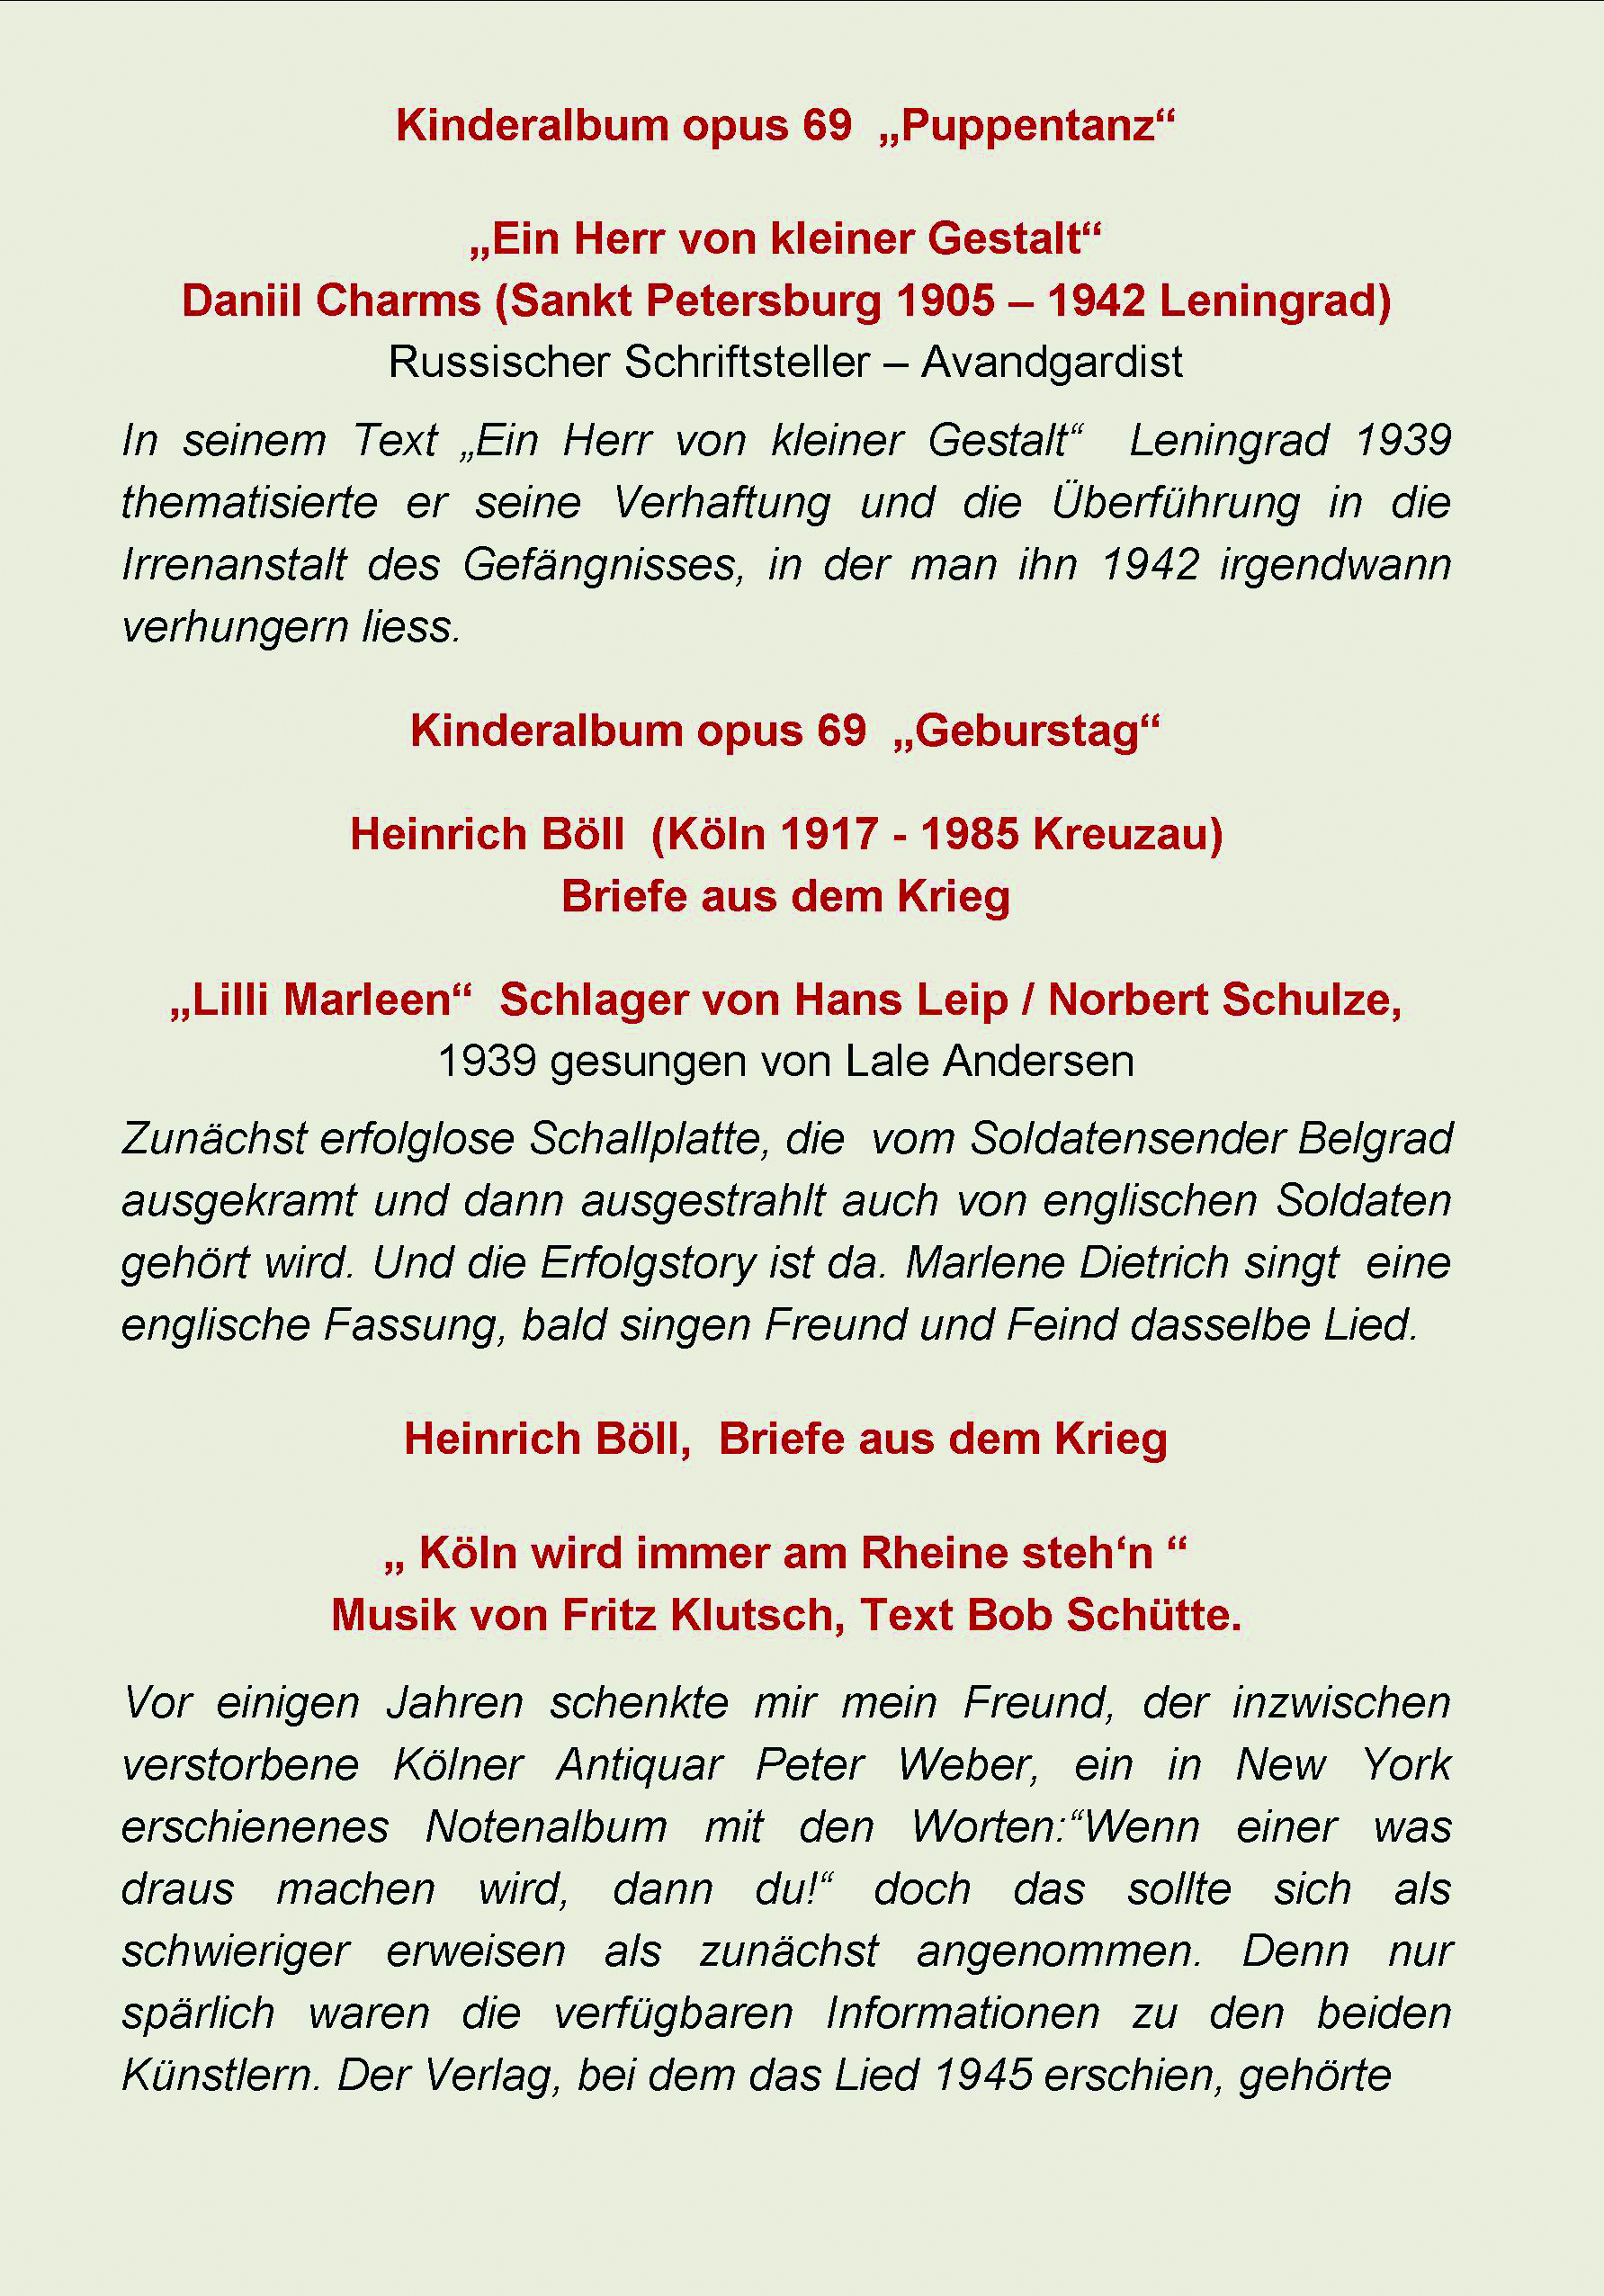 Der Zweite Weltkrieg Ausbruch Kunsthaus Seelscheid